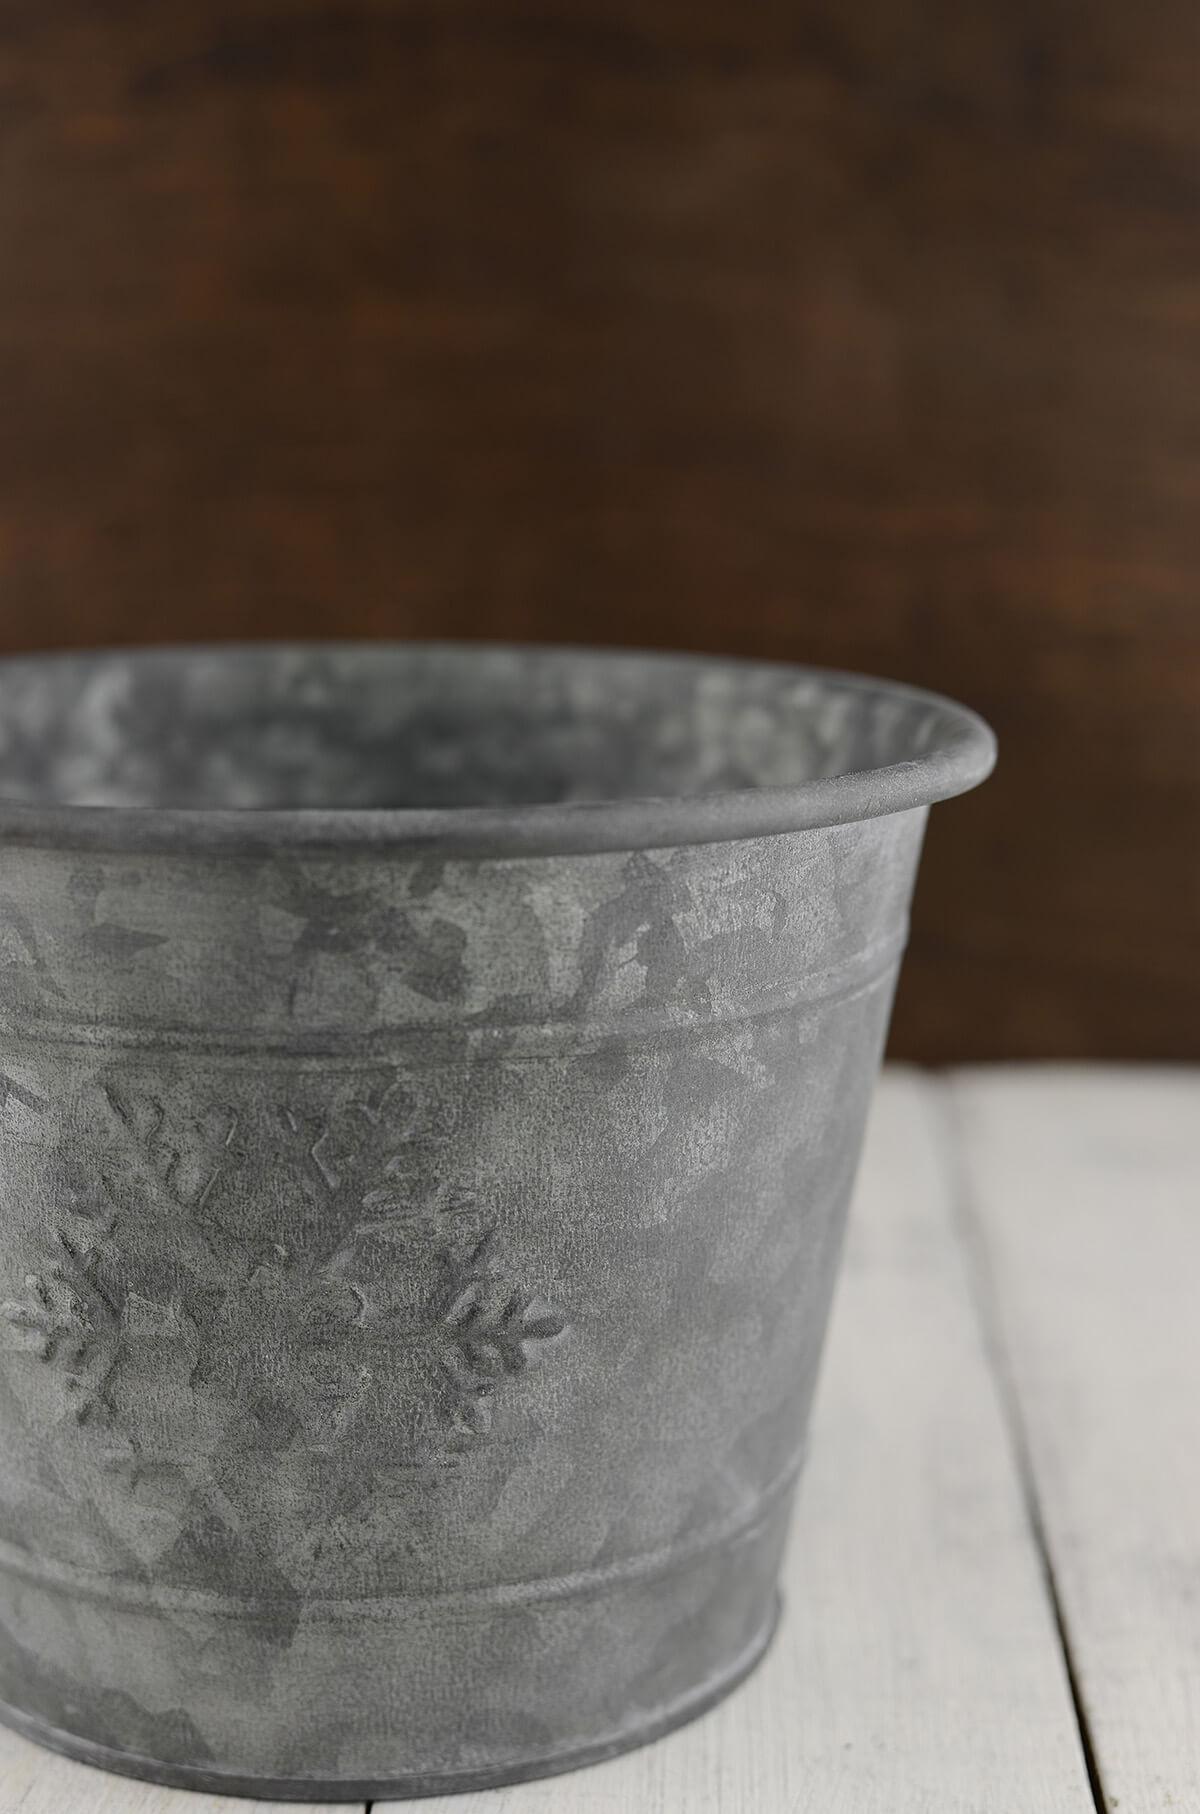 Snowflake Metal Bucket 7x5 5in